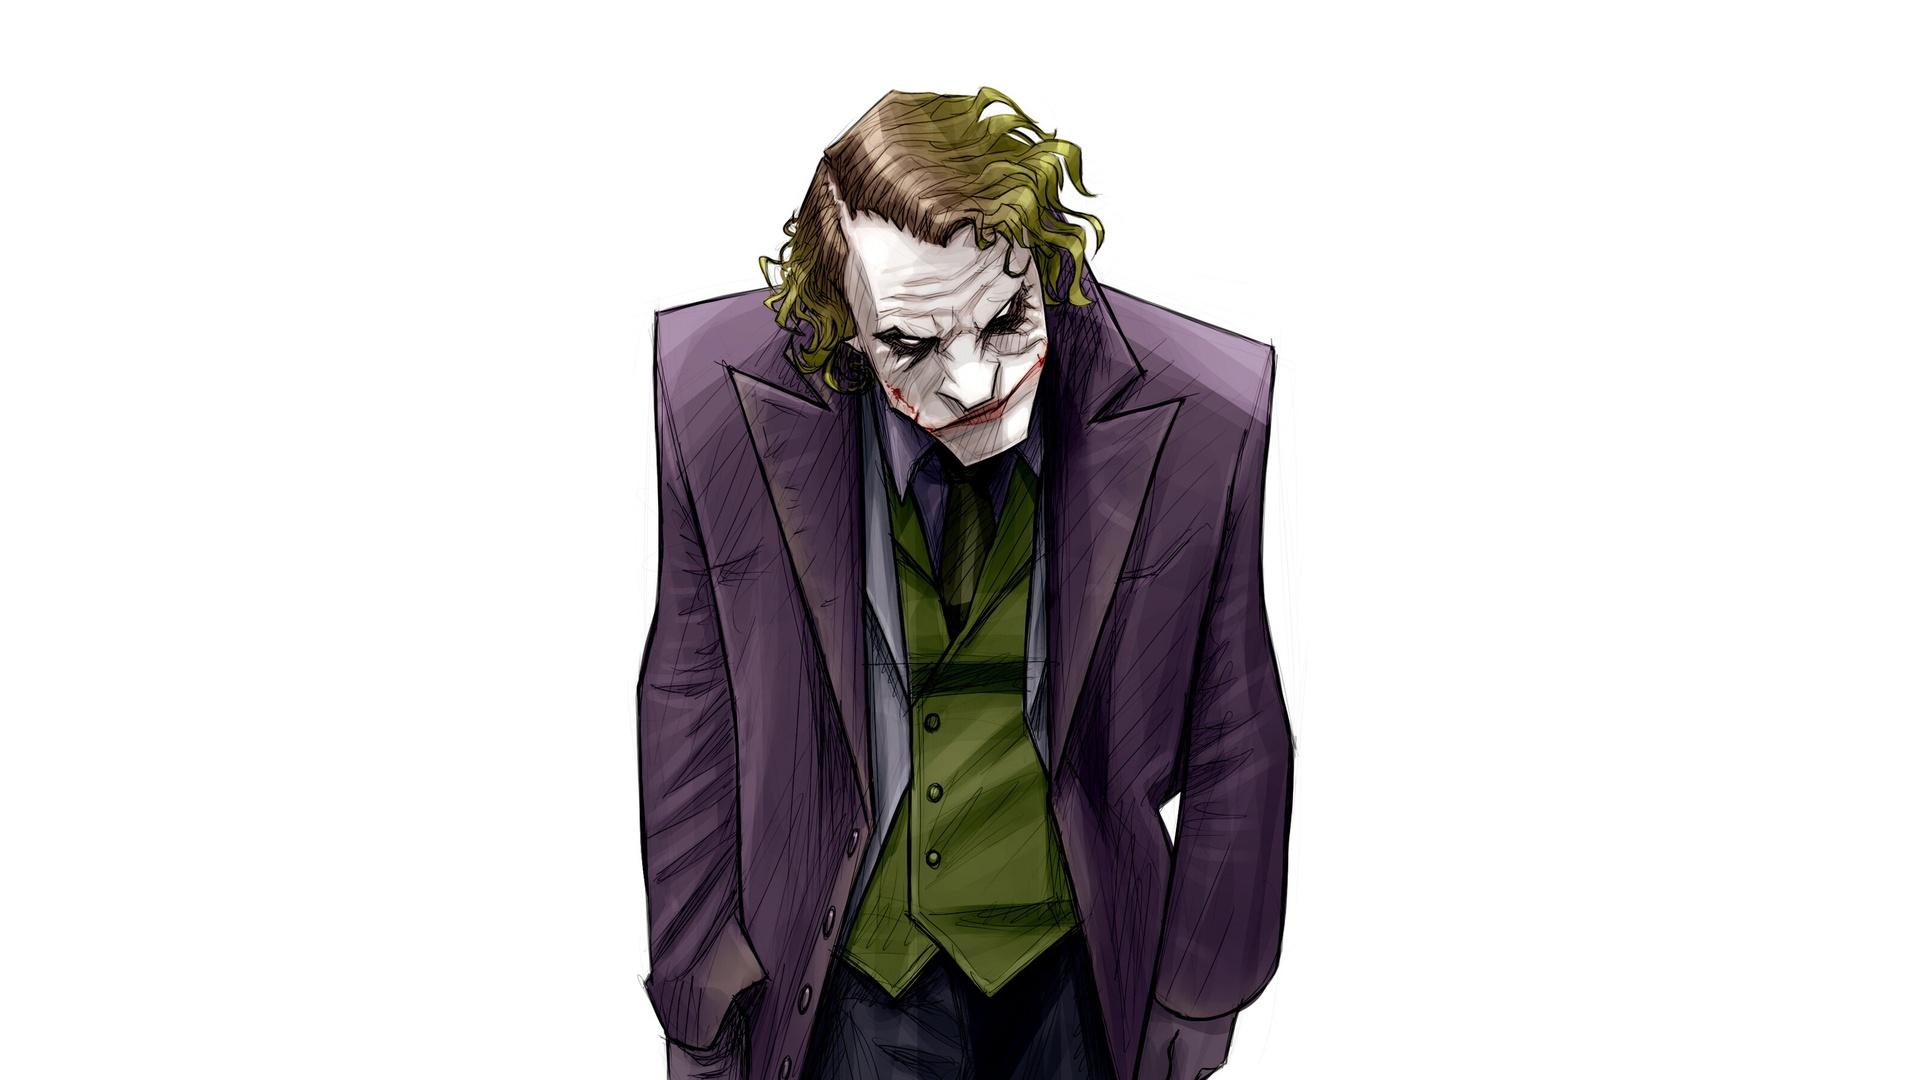 4k-joker-artwork-1z.jpg